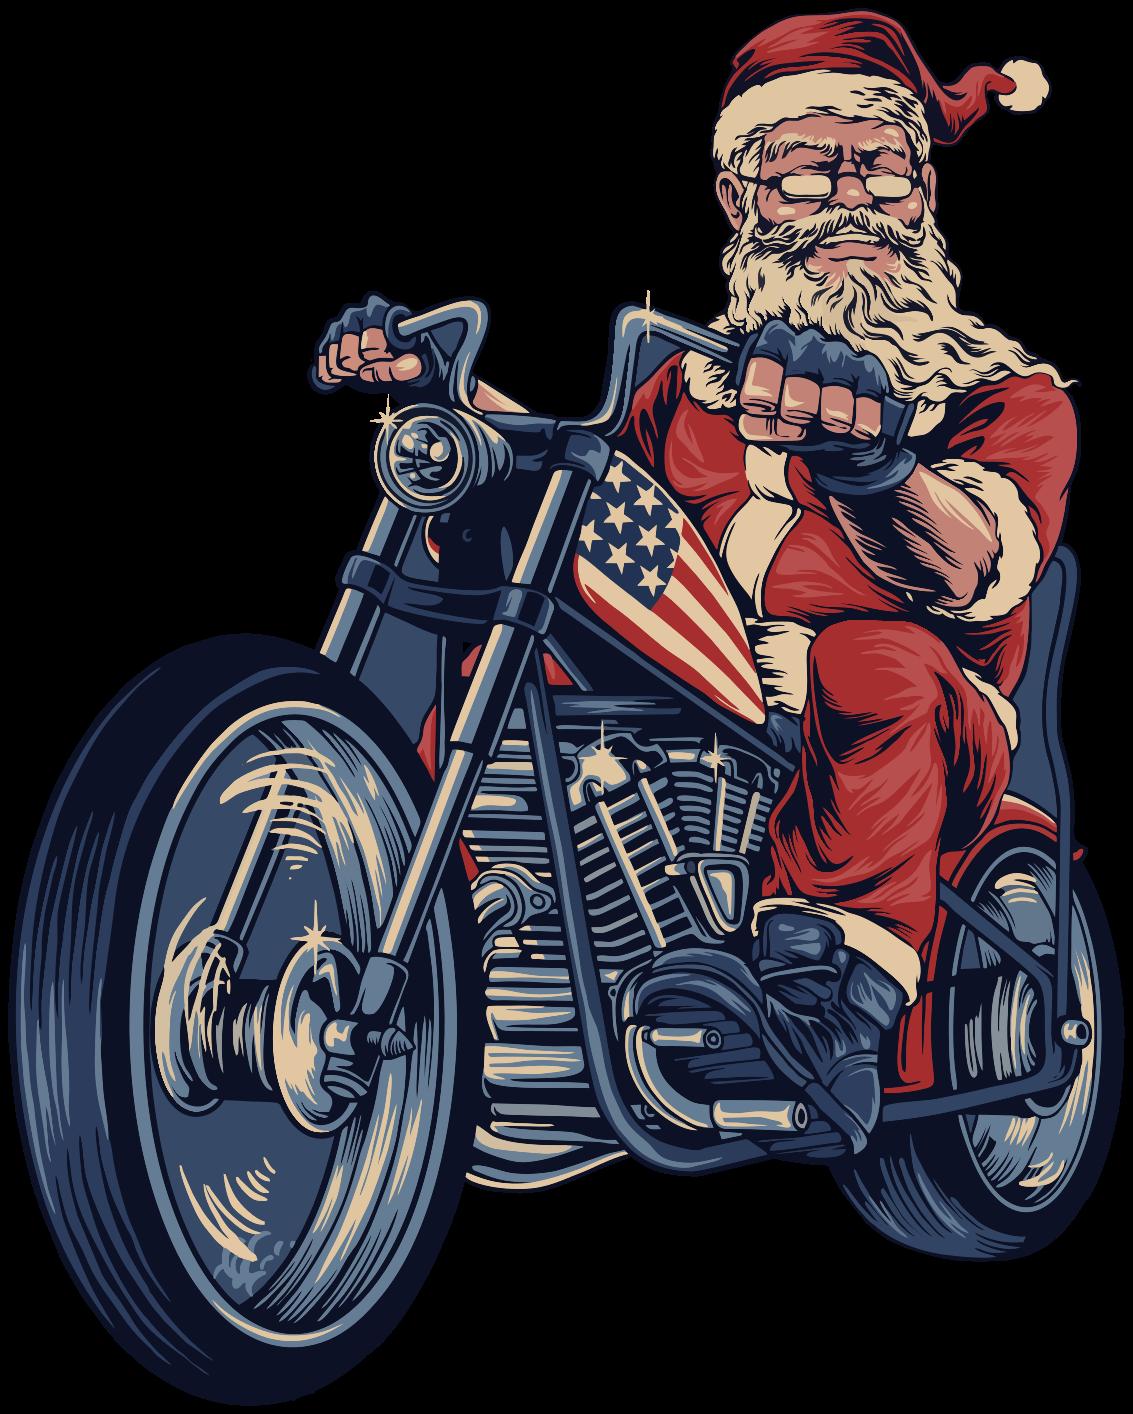 TenVinilo. Vinilo navideño Papá Noel en moto rockera. Vinilo navideño de Papá Noel en una motocicleta de rock. Adecuado para tu decoración navideña en tu casa ¡Descuentos disponibles!